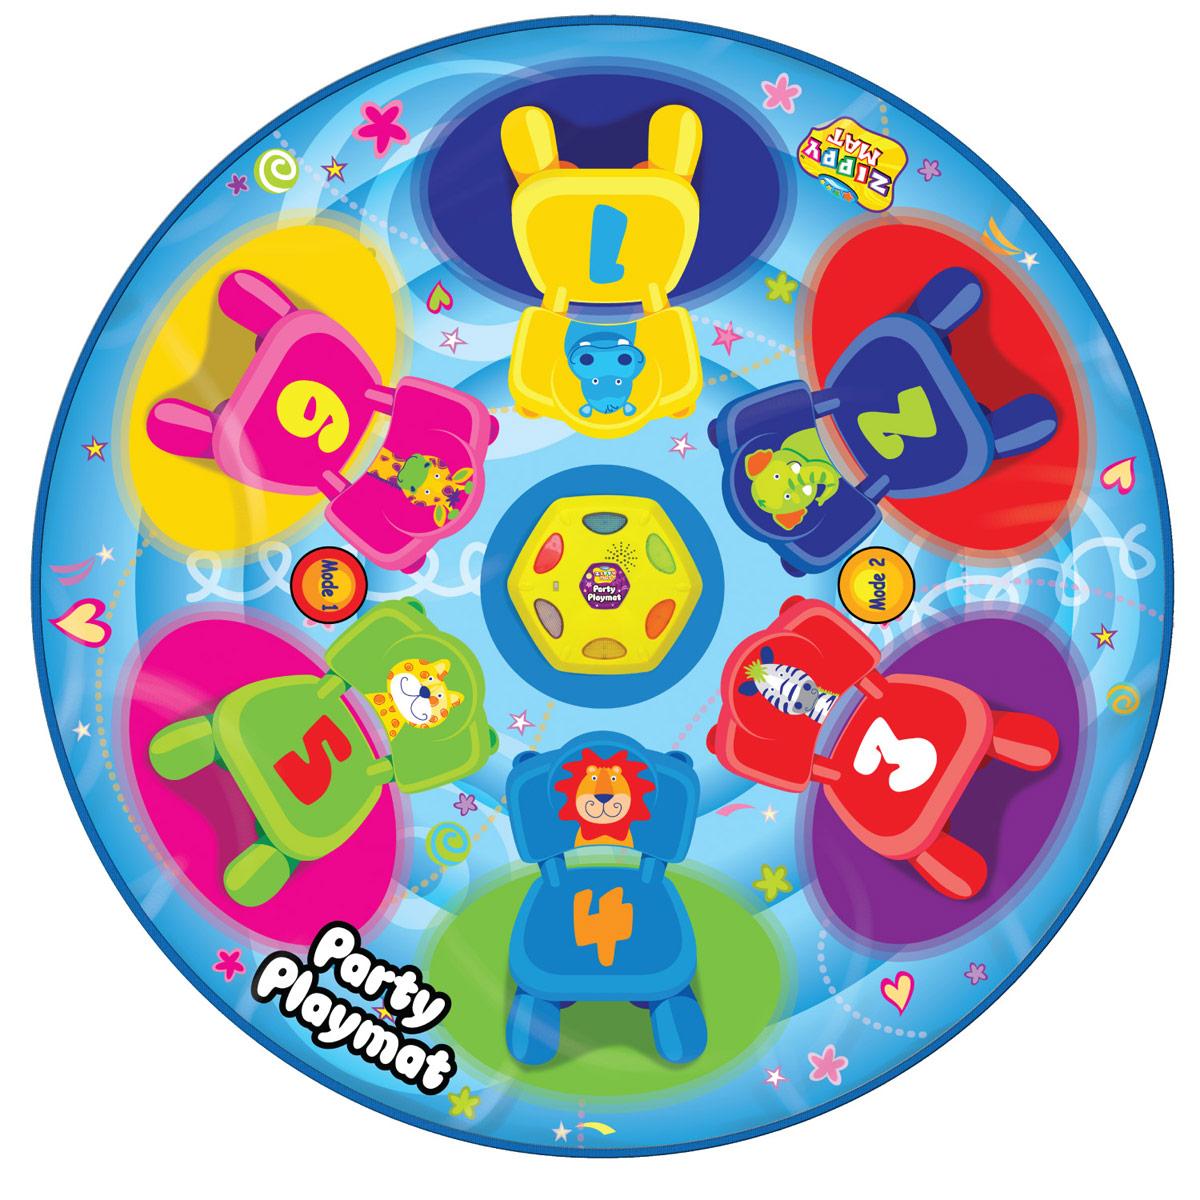 Музыкальный коврик Amico – это увлекательная игрушка для подвижных игр. Она способствуют всестороннему развитию ребенка, сочетая в себе элементы игры, танца и спорта. Коврики реагируют на прикосновения и содержат несколько интерактивных игр, сопровождающихся веселой музыкой и звуками. Веселая подвижная игра, в которой побеждает самый ловкий и быстрый. С таким ковриком любая развлекательная программа или вечеринка станет забавнее, веселее и интереснее! Игроки бегают вокруг коврика ,пока звучит музыка, и должны наступить на загорающиеся огоньки, как только она закончится. Каждый раз загорается на один огонек меньше пока не останется только один. 2 режимов игры, 6 мигающих огоньков, автоматическое отключение.